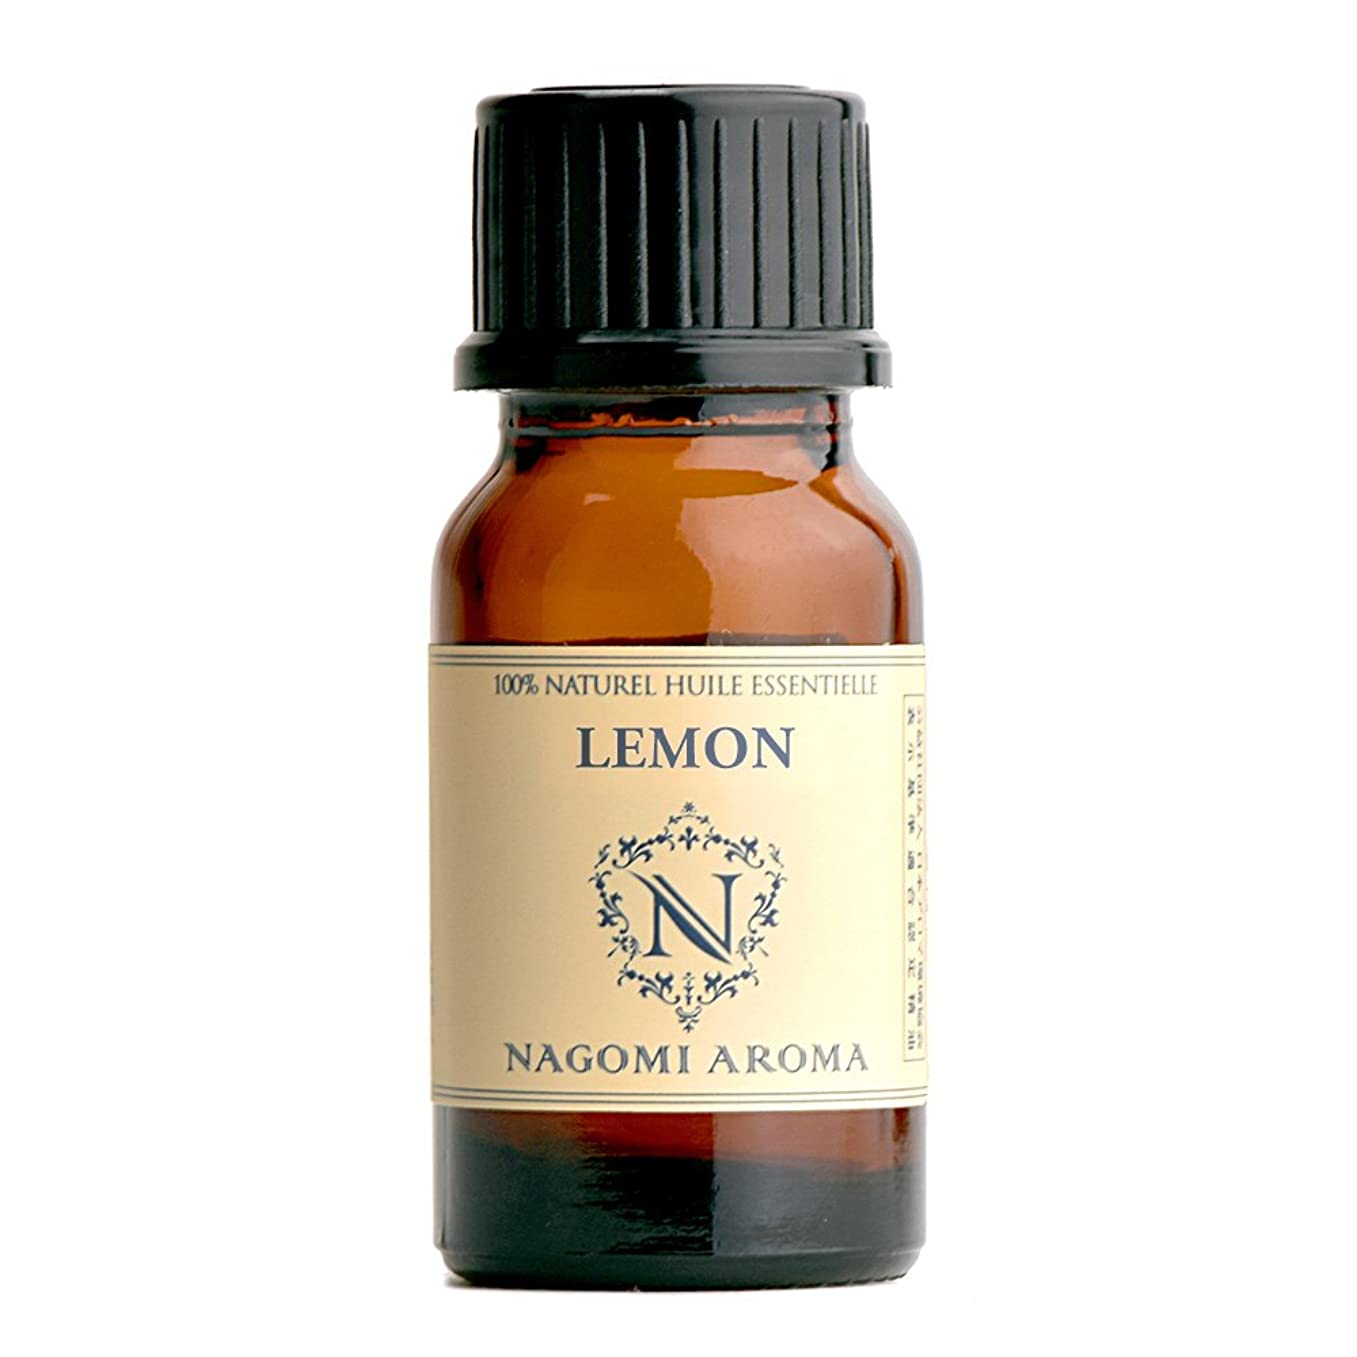 論文研究所アーチNAGOMI AROMA レモン 10ml 【AEAJ認定精油】【アロマオイル】